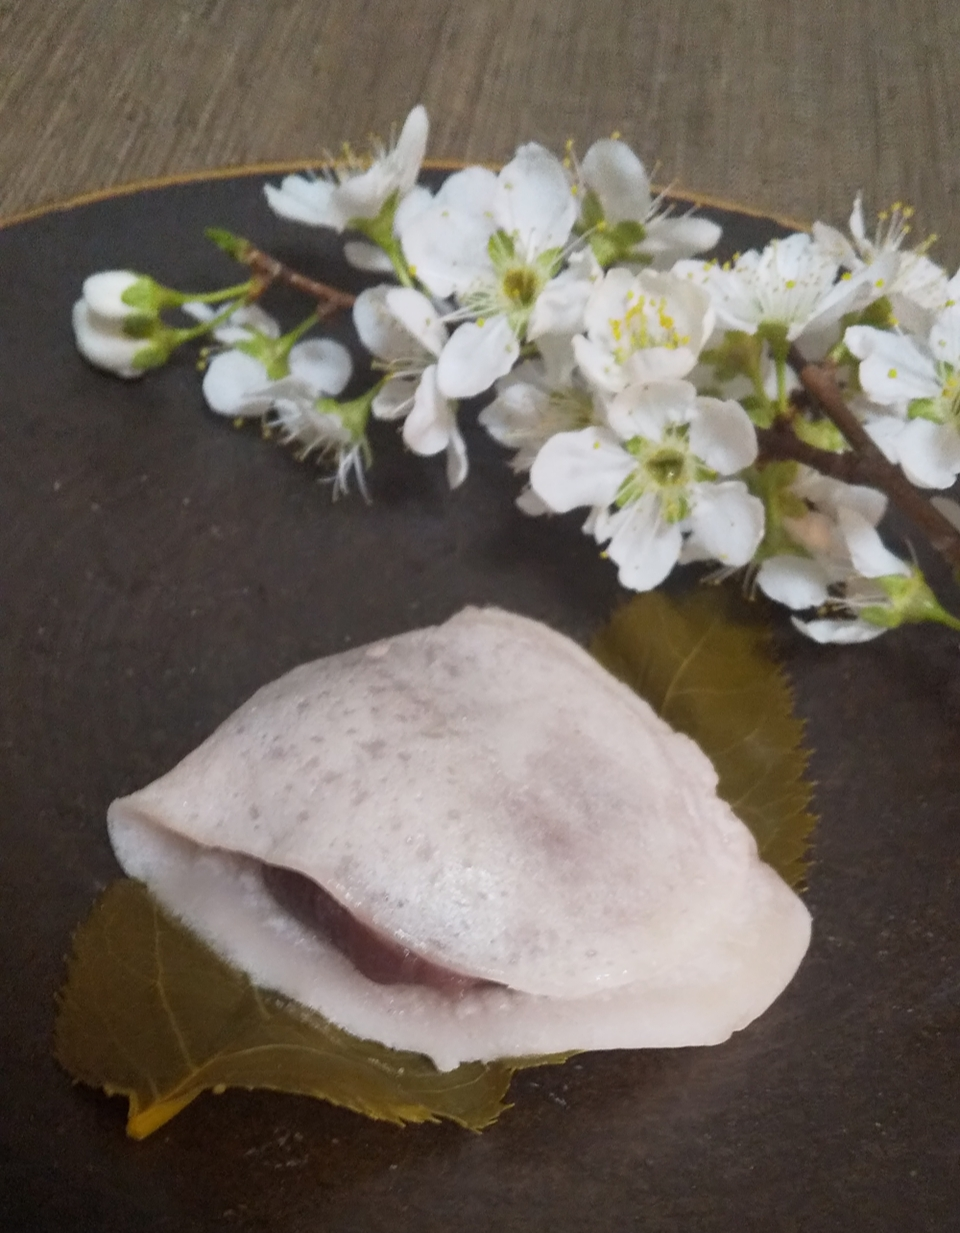 【おすすめいちごスイーツ】老舗゛紀の国屋゛の《いちご大福》と《桜餅》で春を味わう:*_6